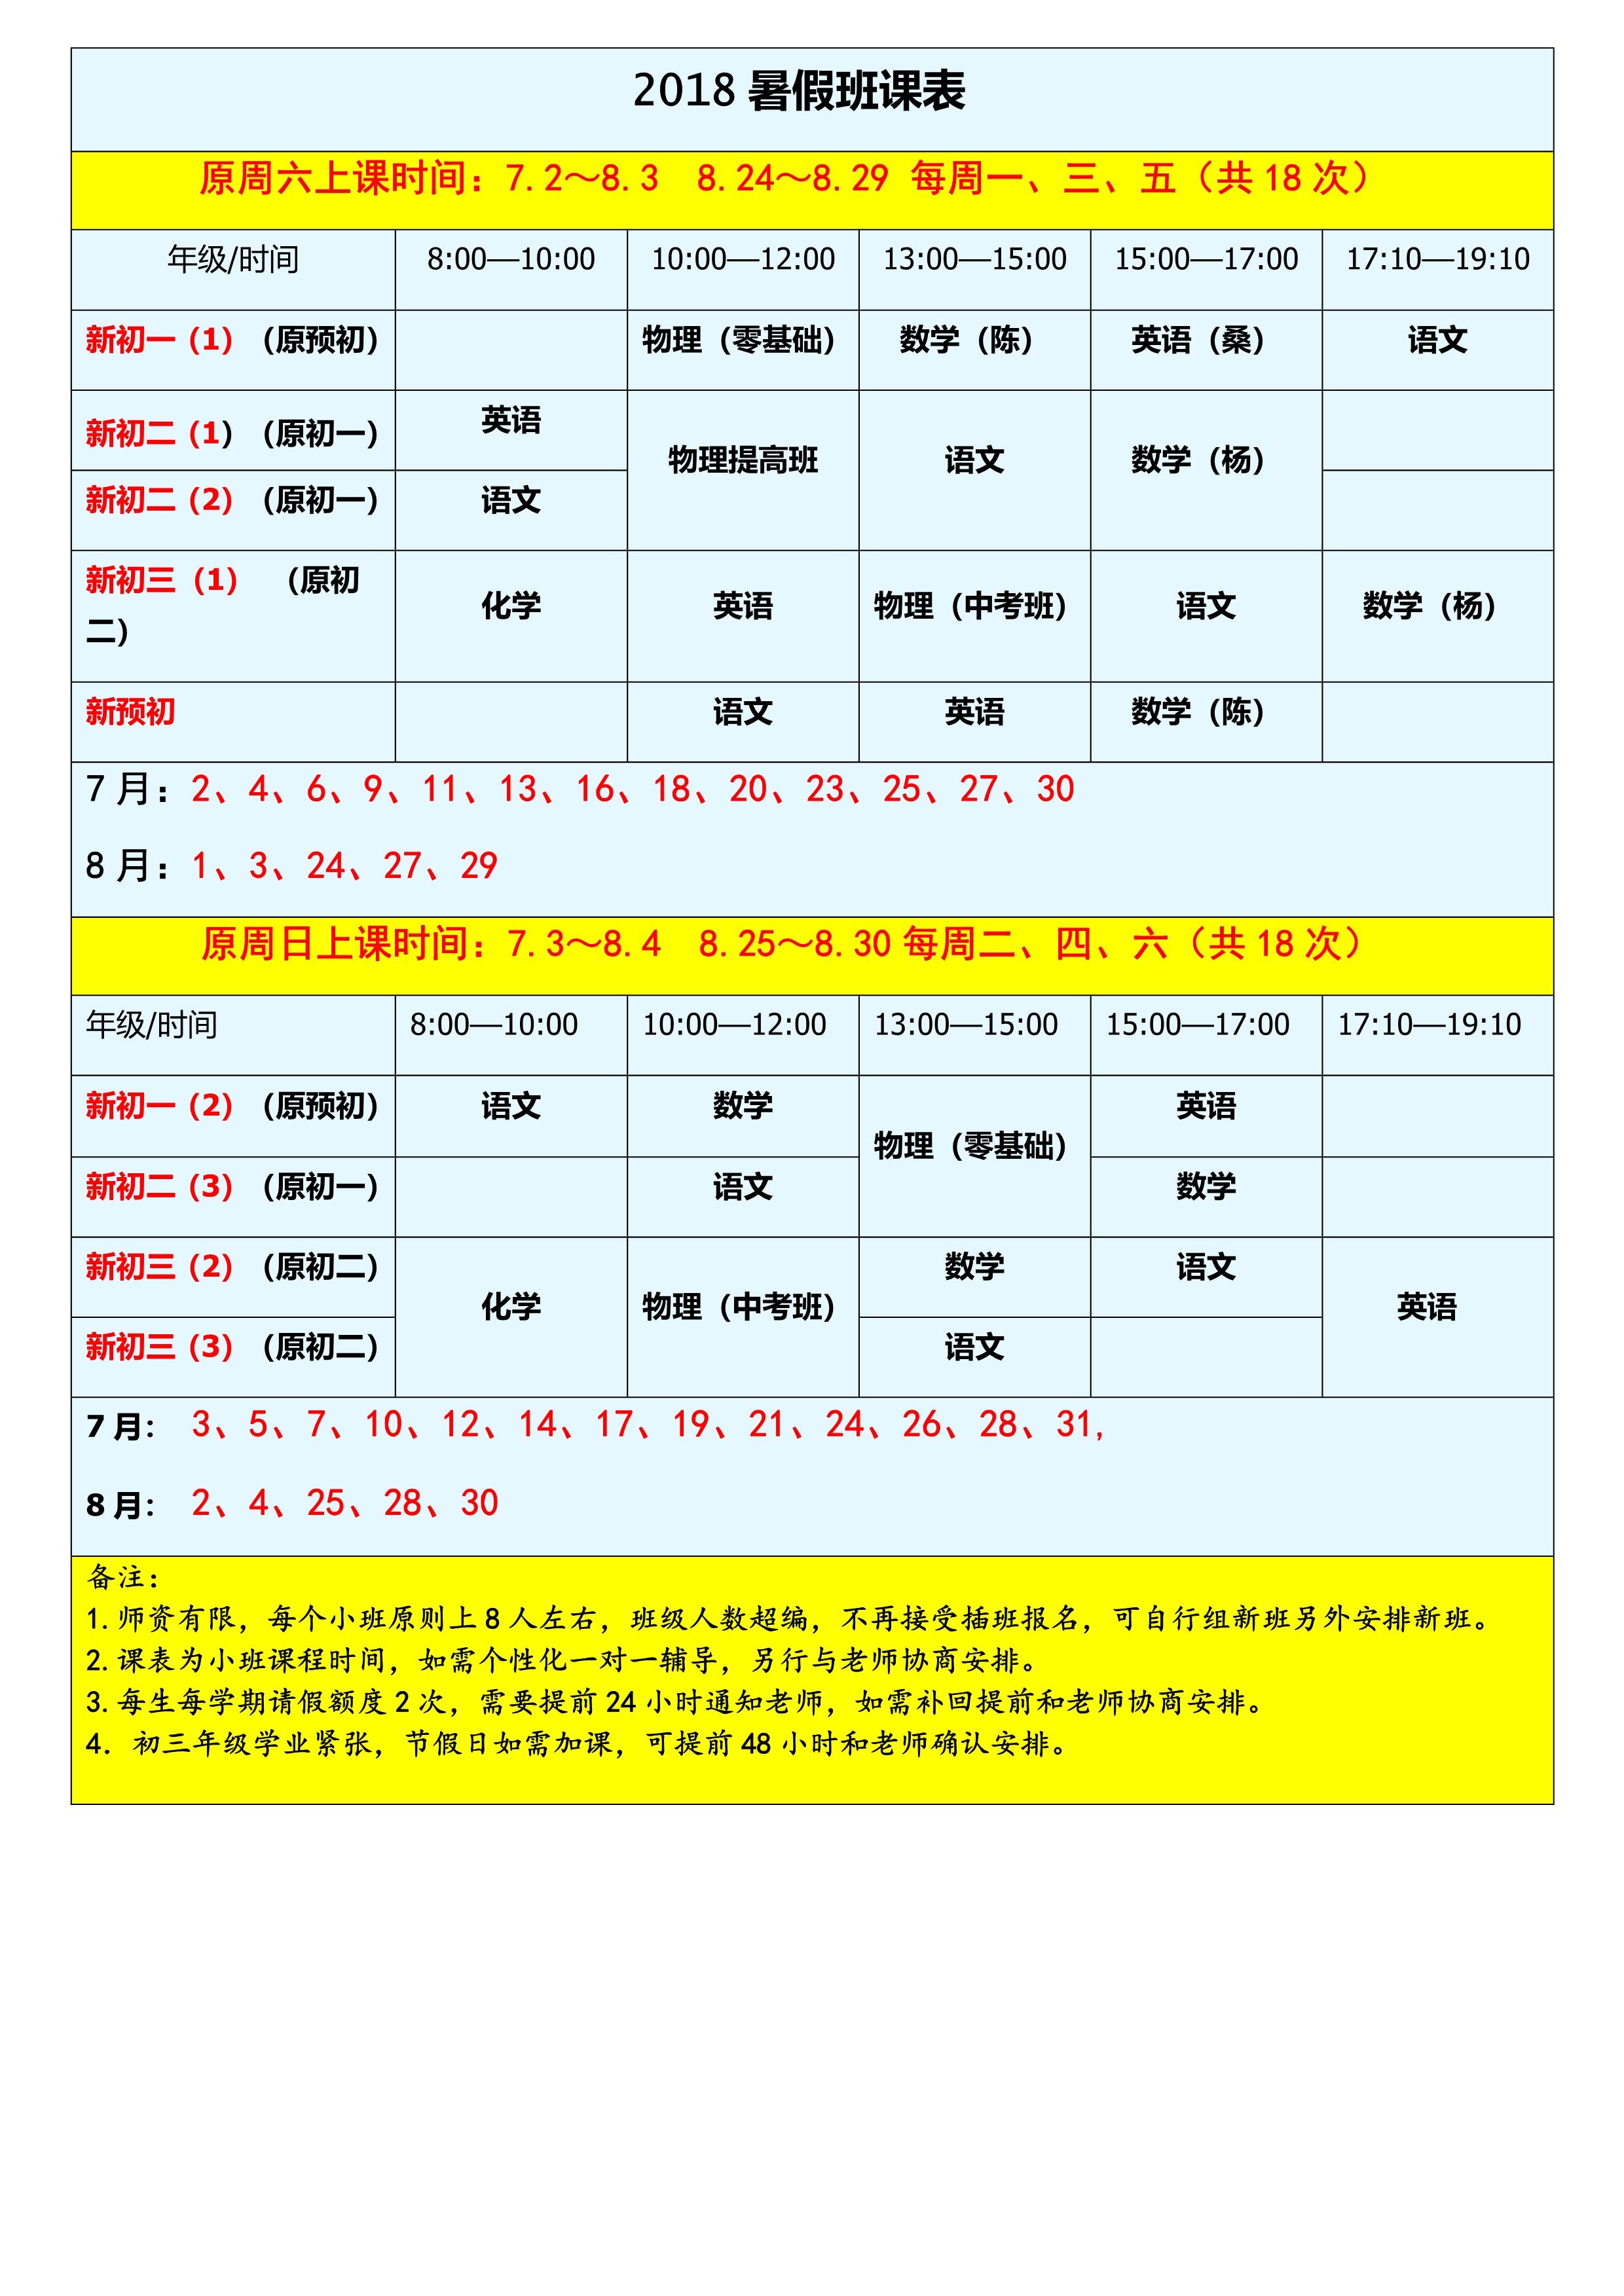 2018暑假班课表_1.jpg